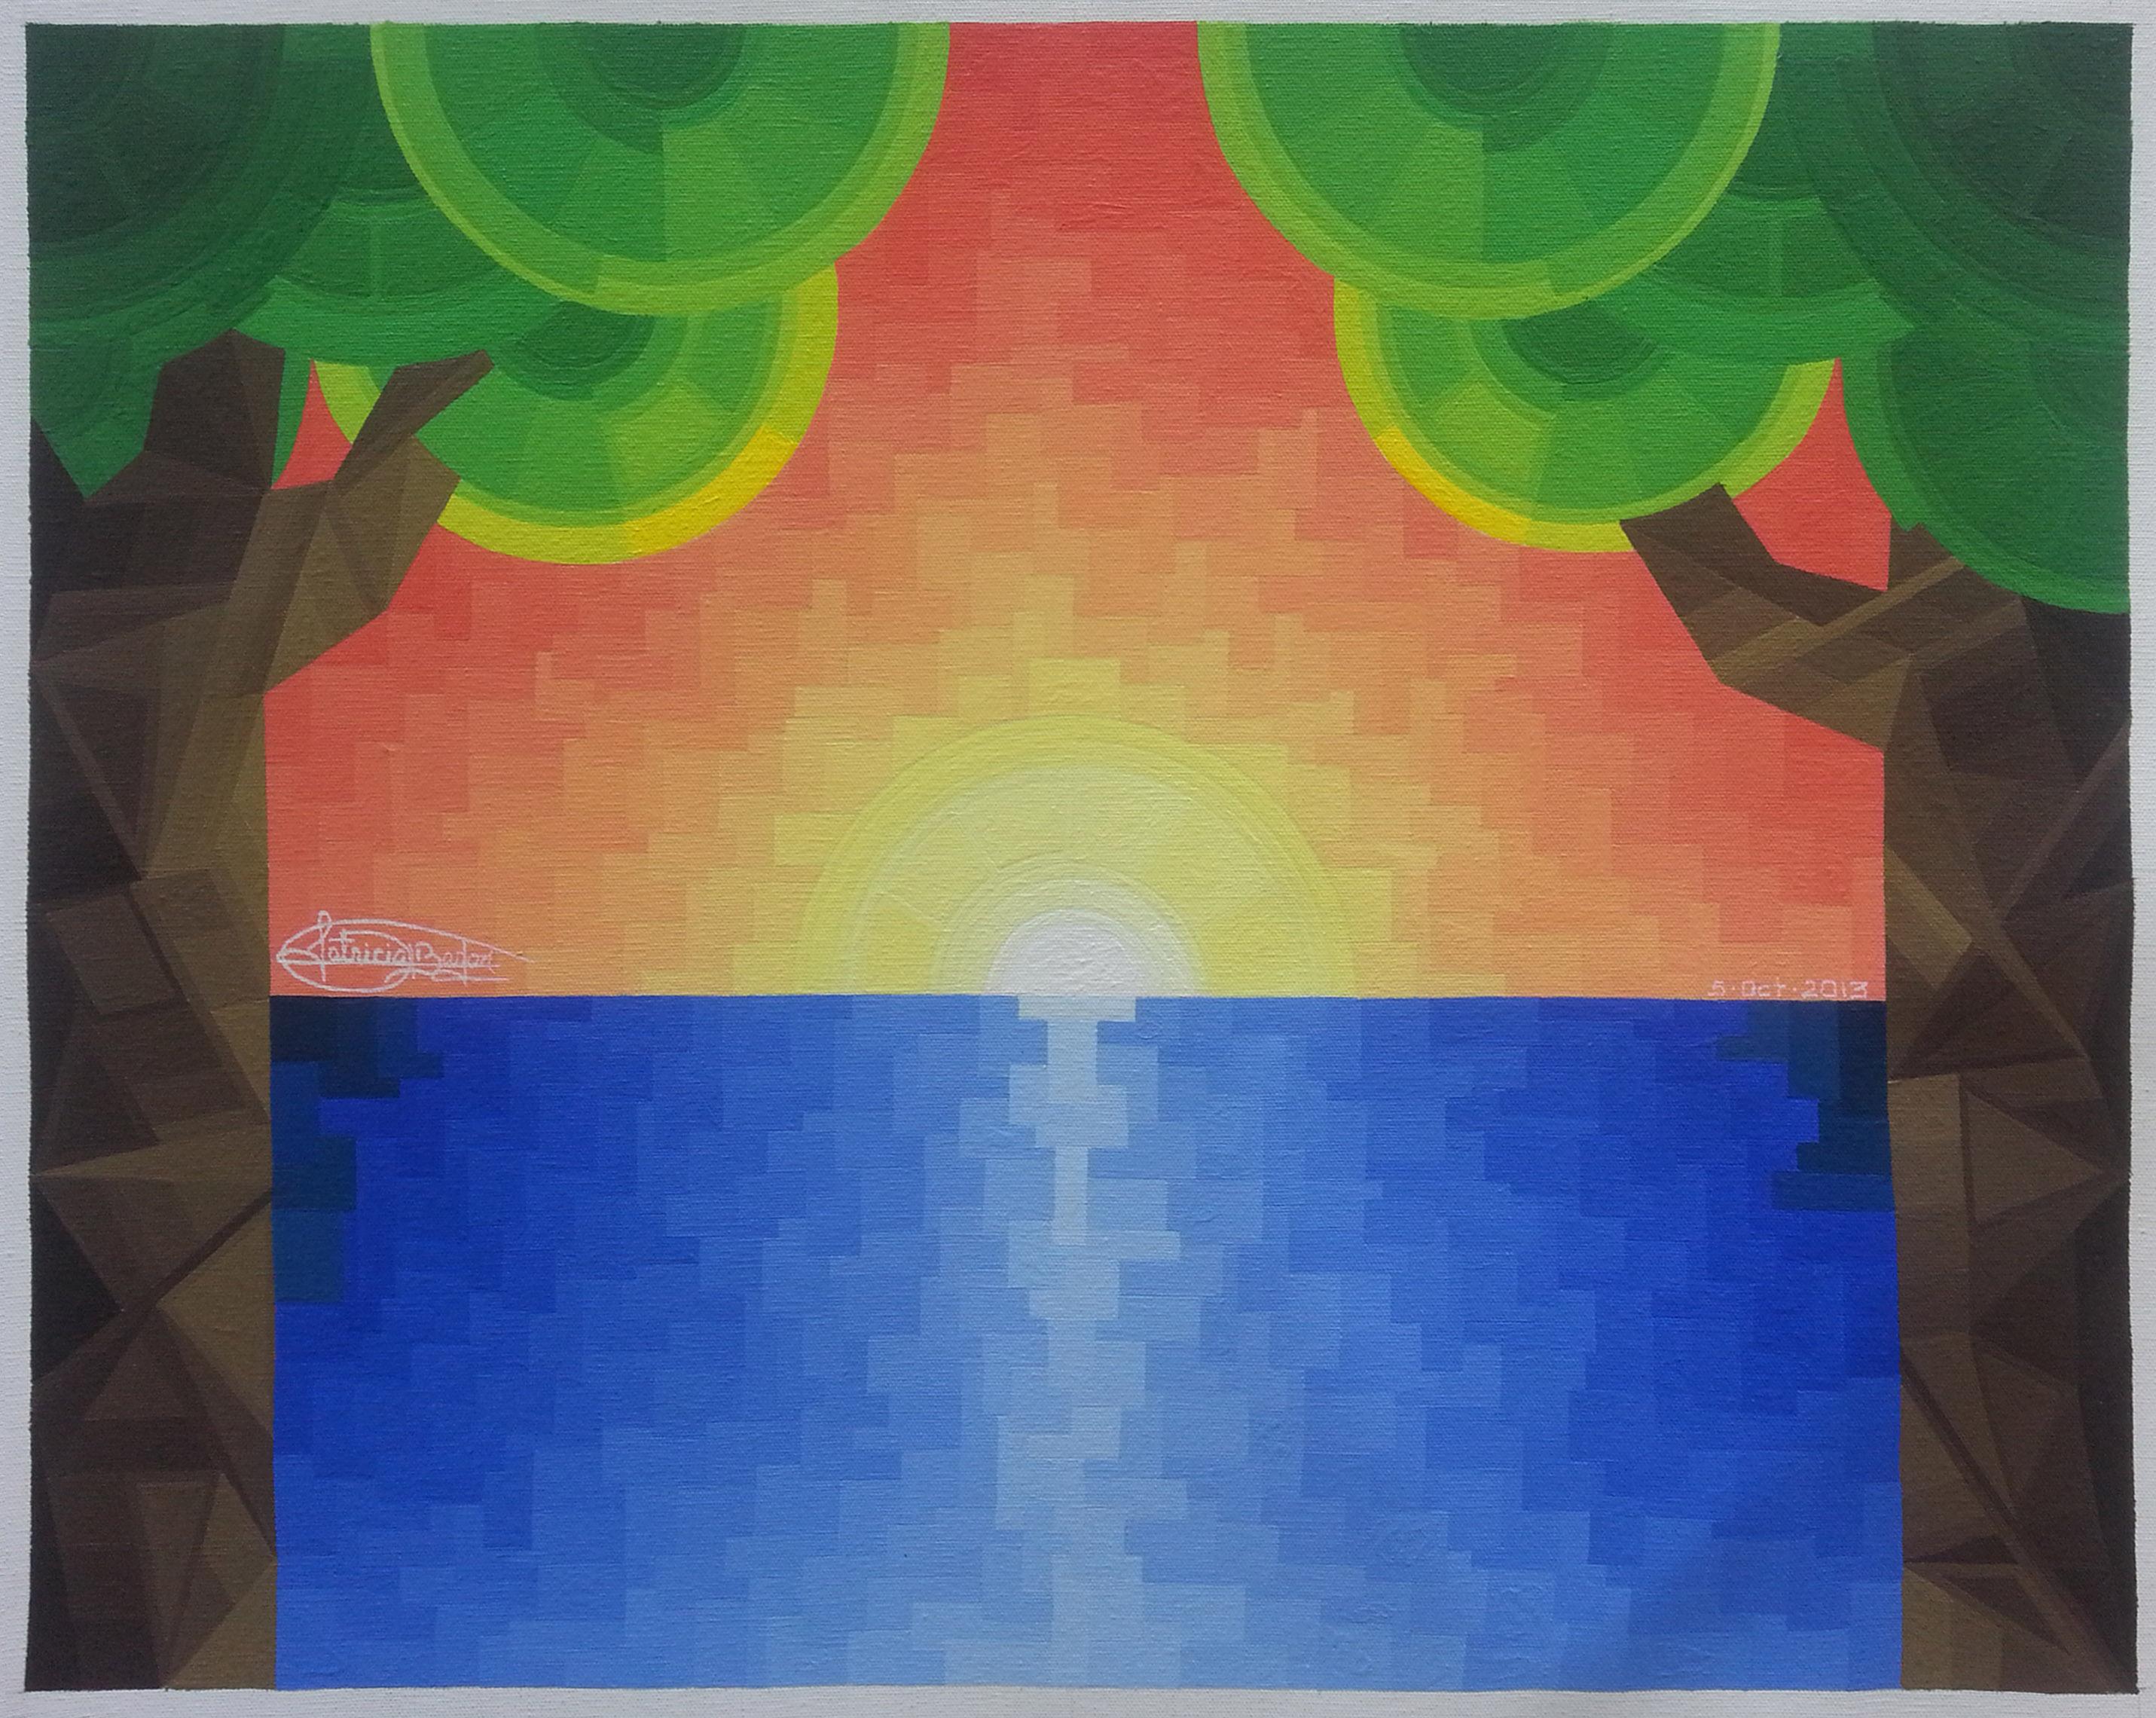 Dawn by apbaron